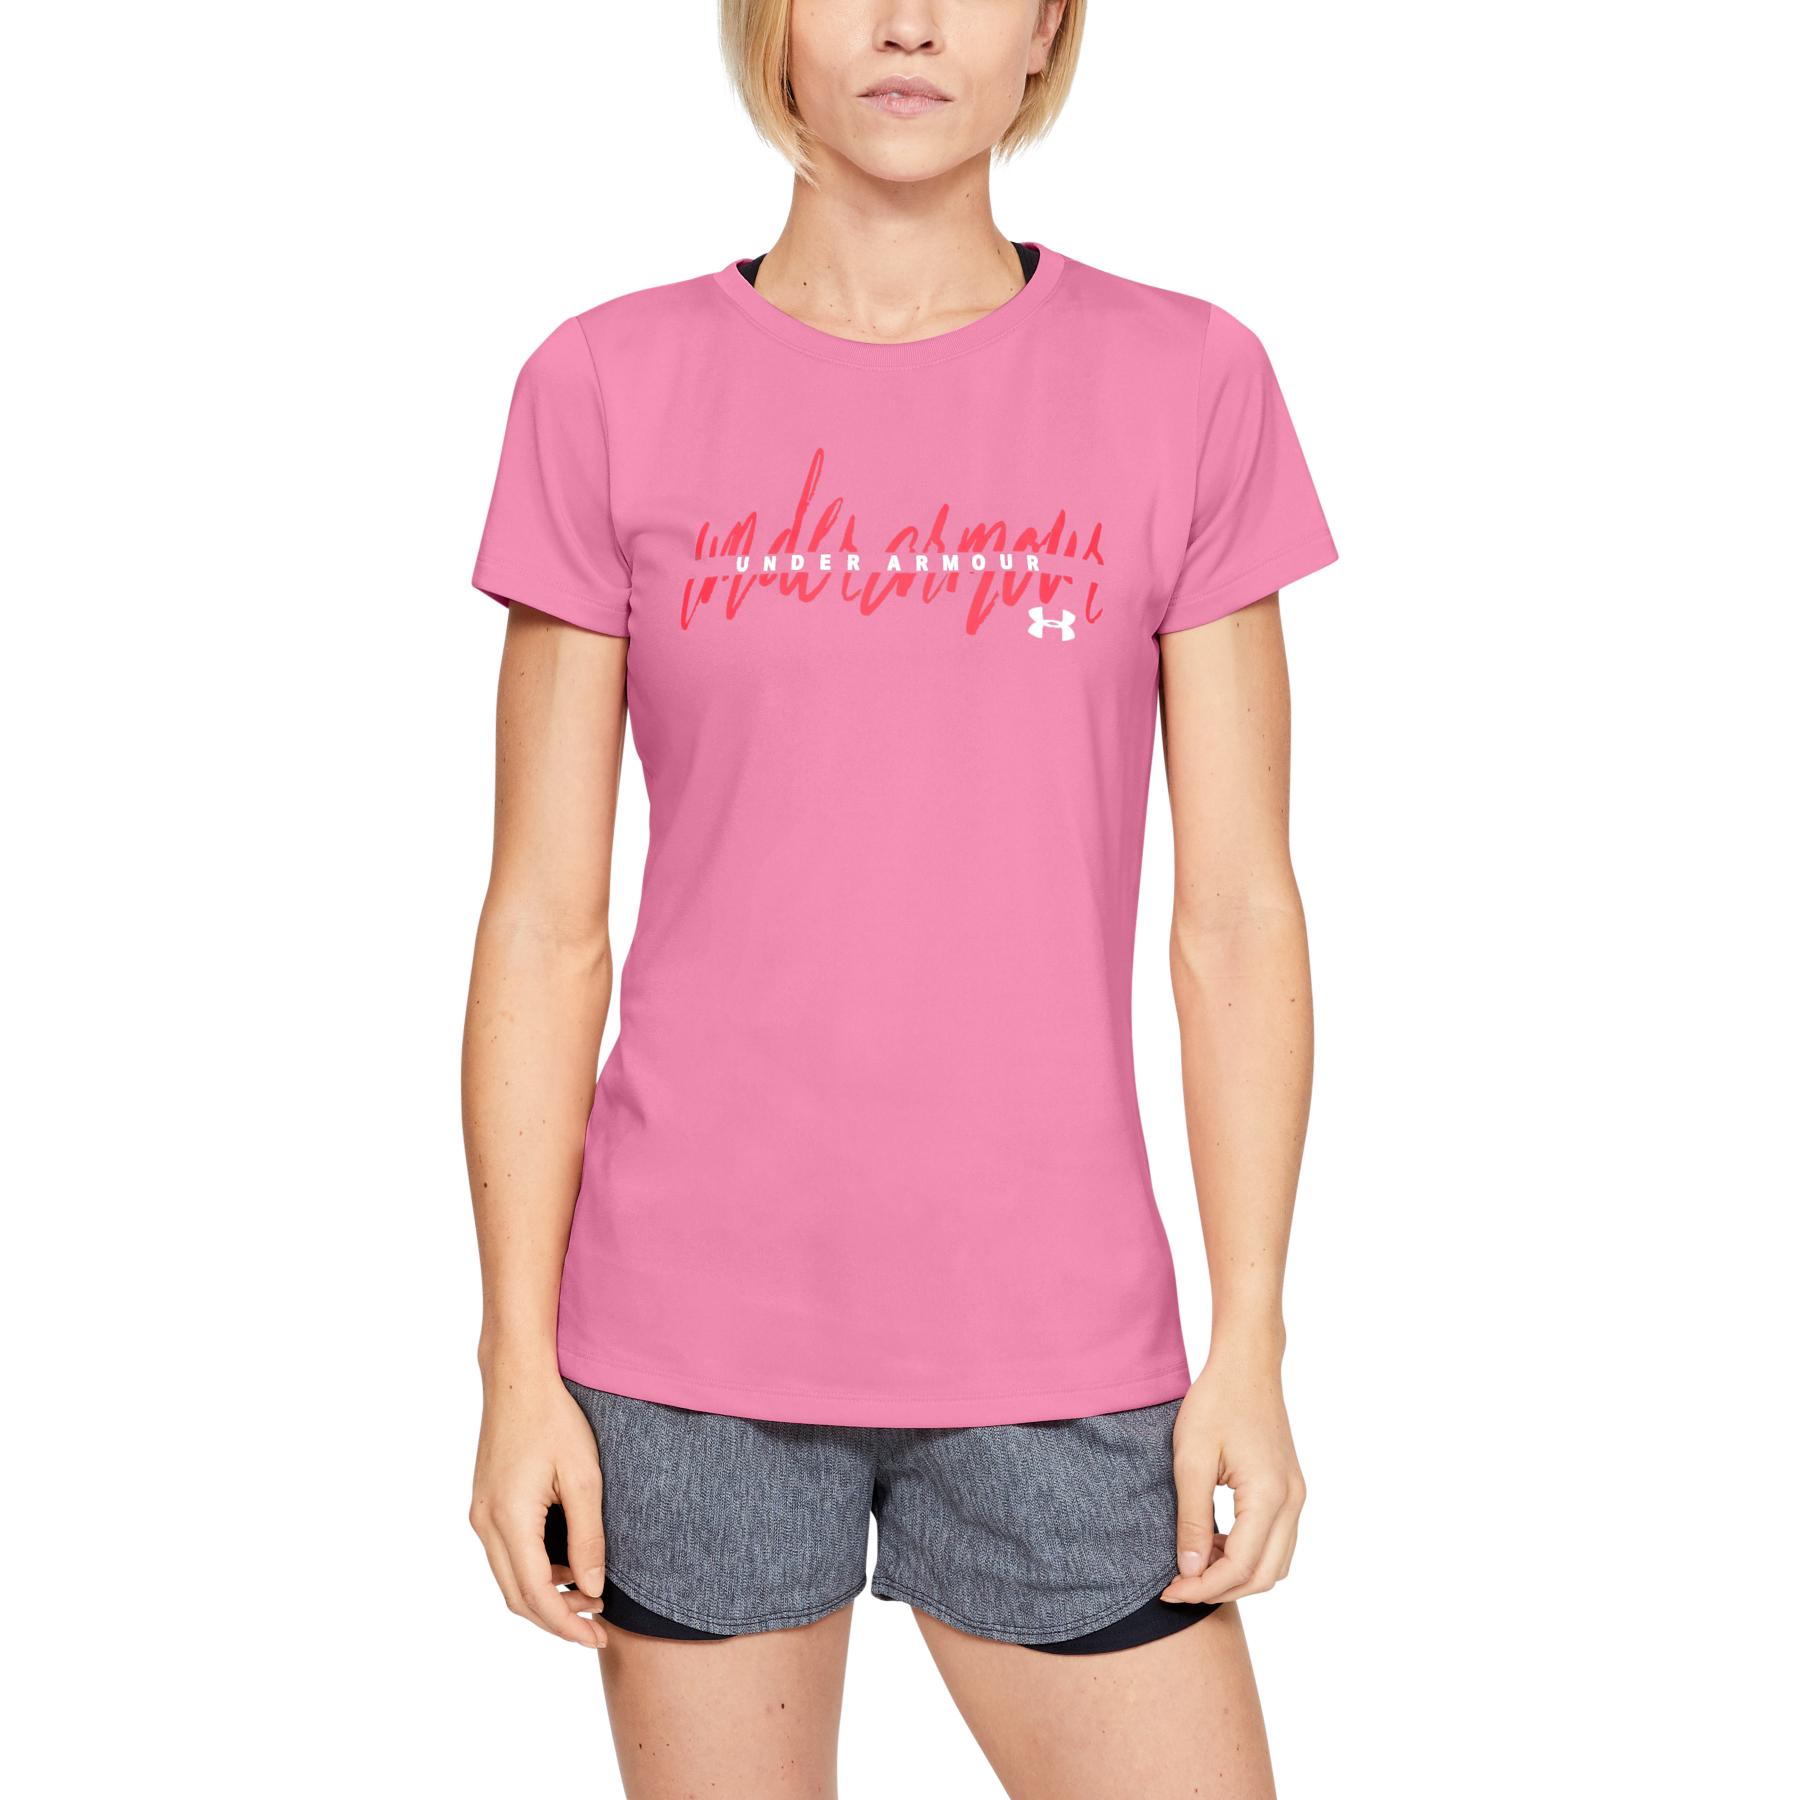 Under Armour TECH SCRIPT GRAPHIC SSC, ženska majica za fitnes, roza